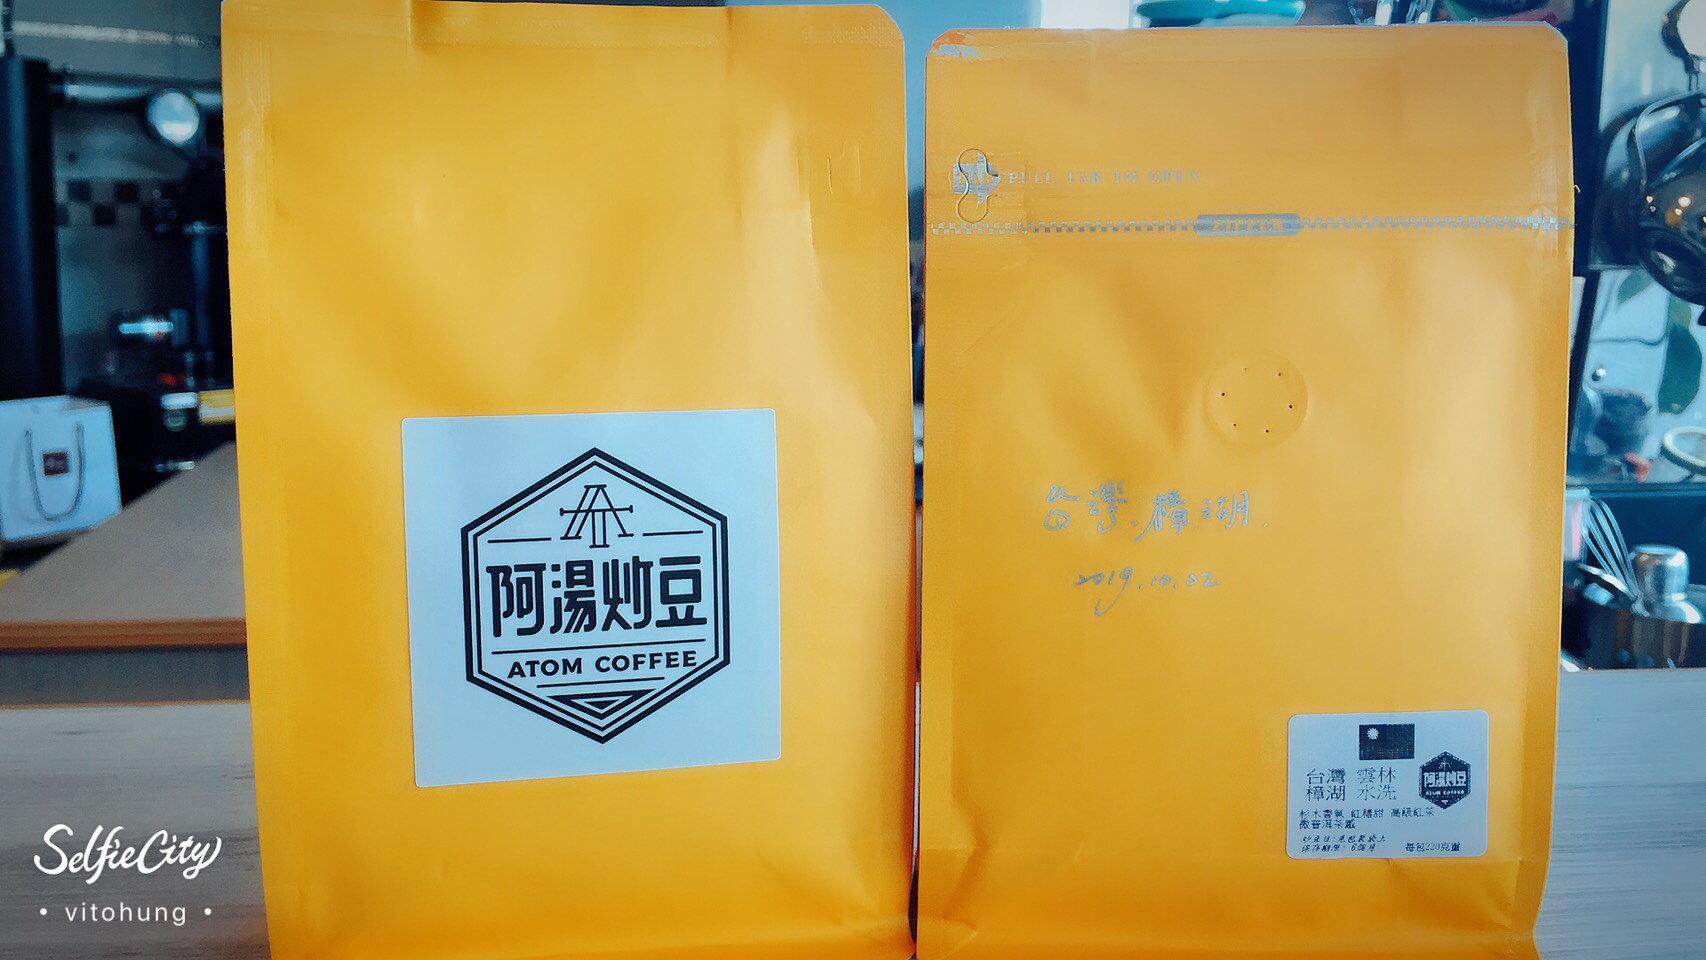 台灣 雲林 樟湖  水洗  220g 0